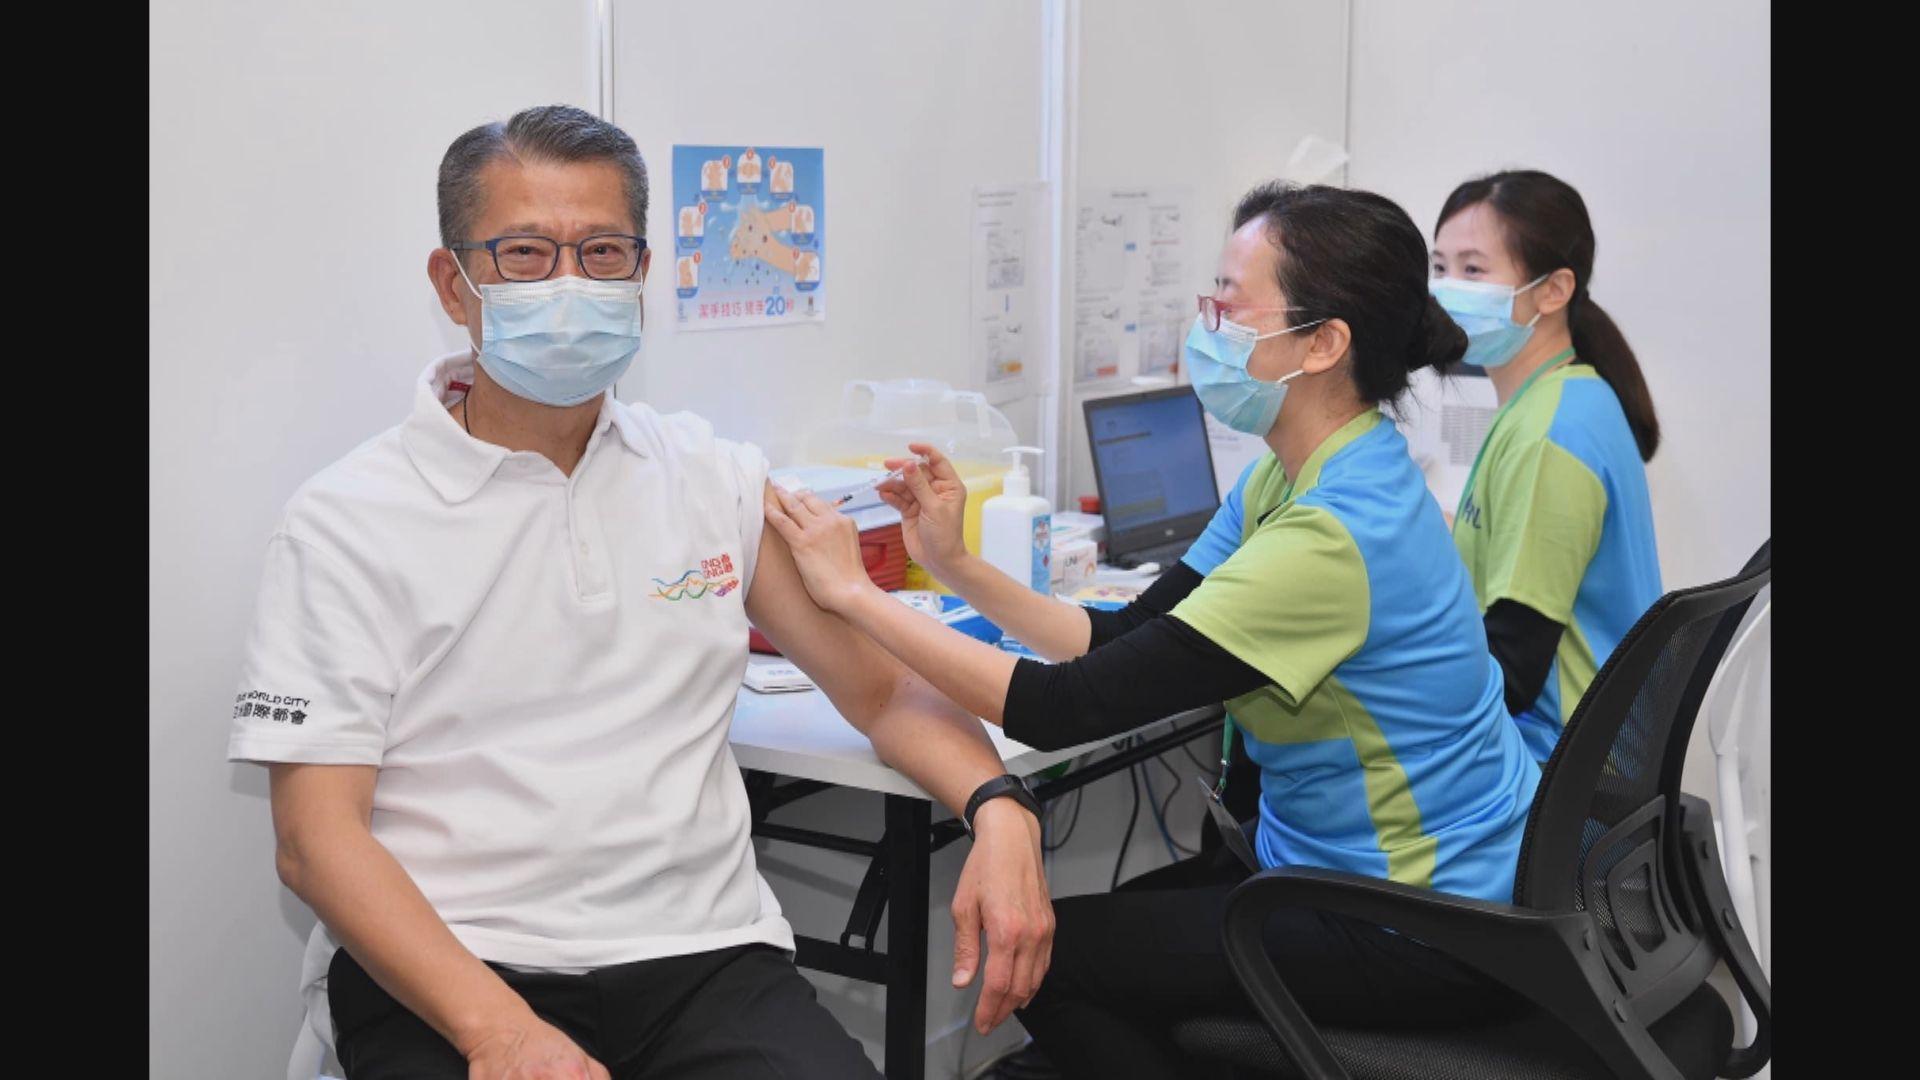 陳茂波和黃錦星接種新冠疫苗